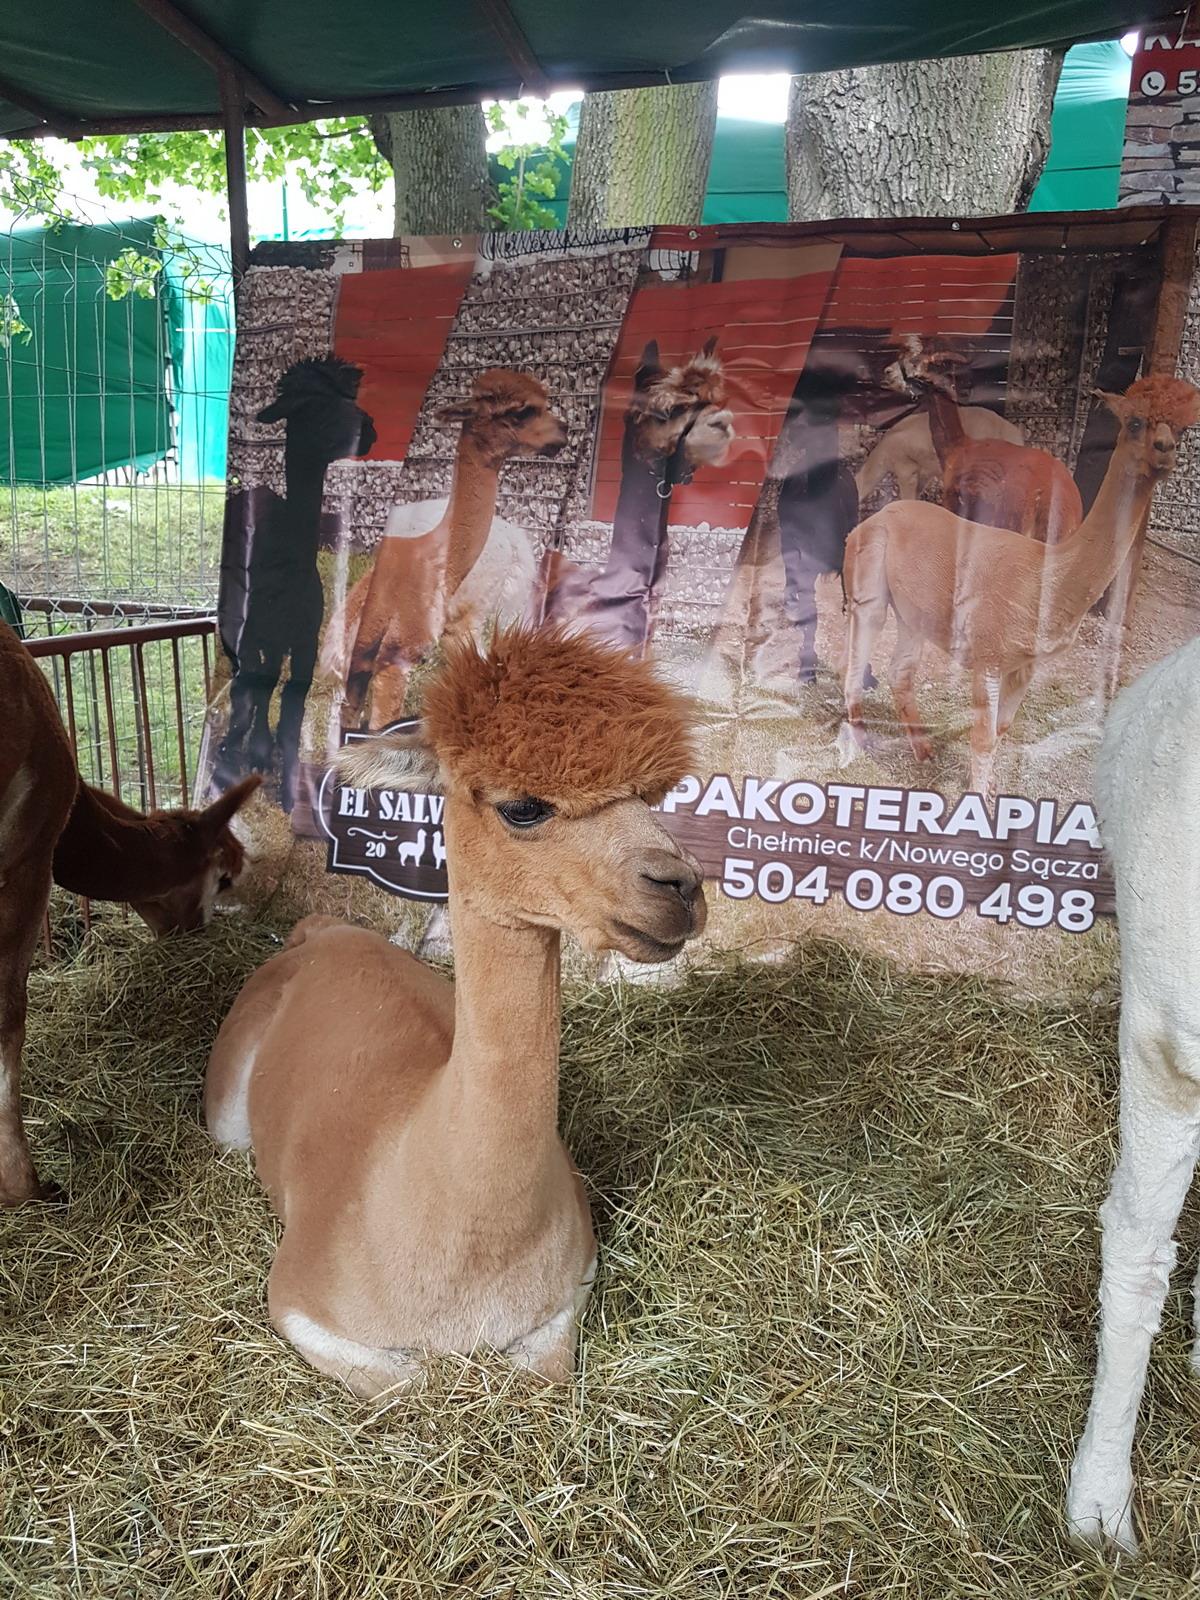 Hodowla Alpak EL SALVADOR, alpakoterapia, wyroby z wełny alpak, alpaki